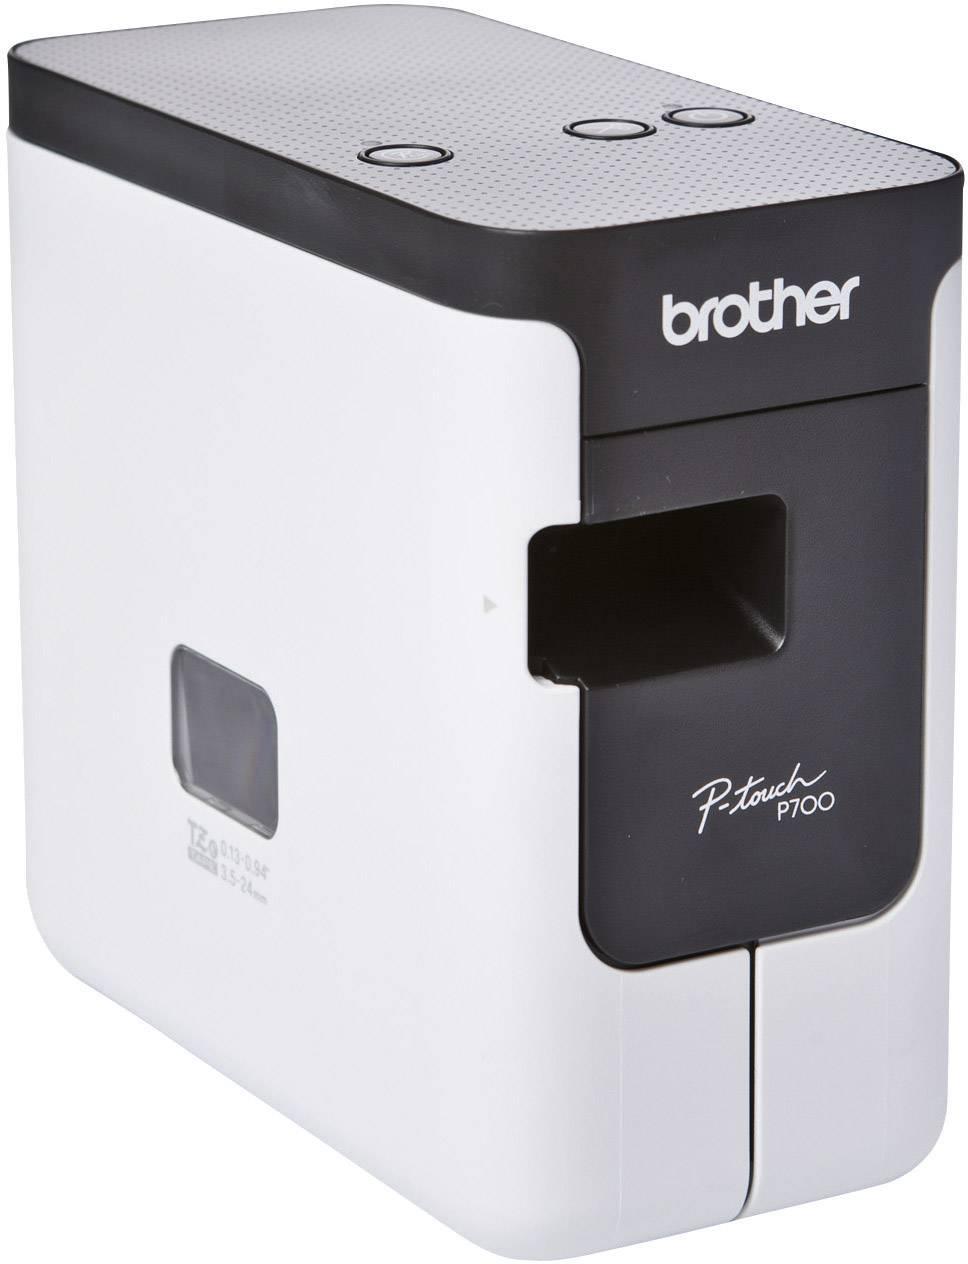 PC štítkovač Brother P-touch P700 PTP700ZG1, vhodný pro pásky TZ, Hse